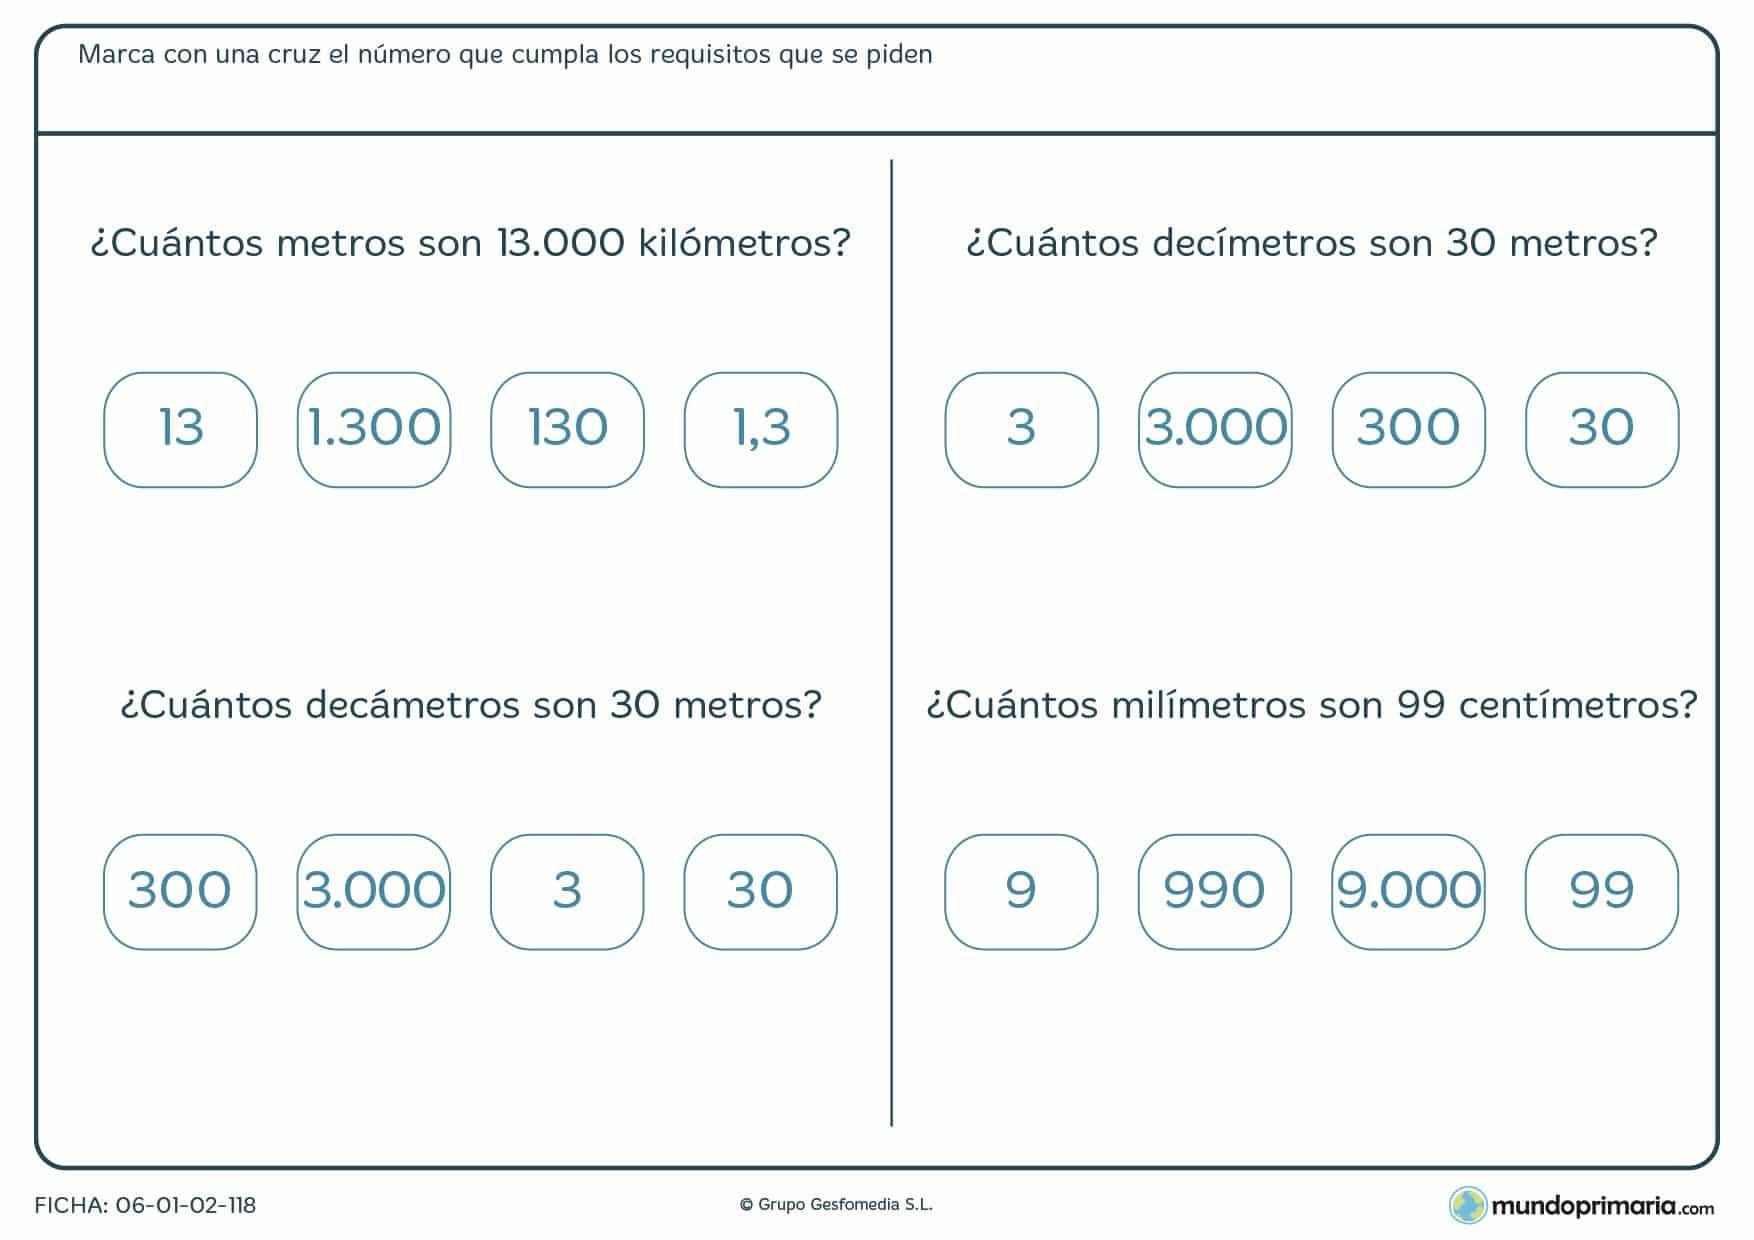 Ficha de metros correspondientes para que señales la respuesta que creas correcta sobre estas equivalencias.